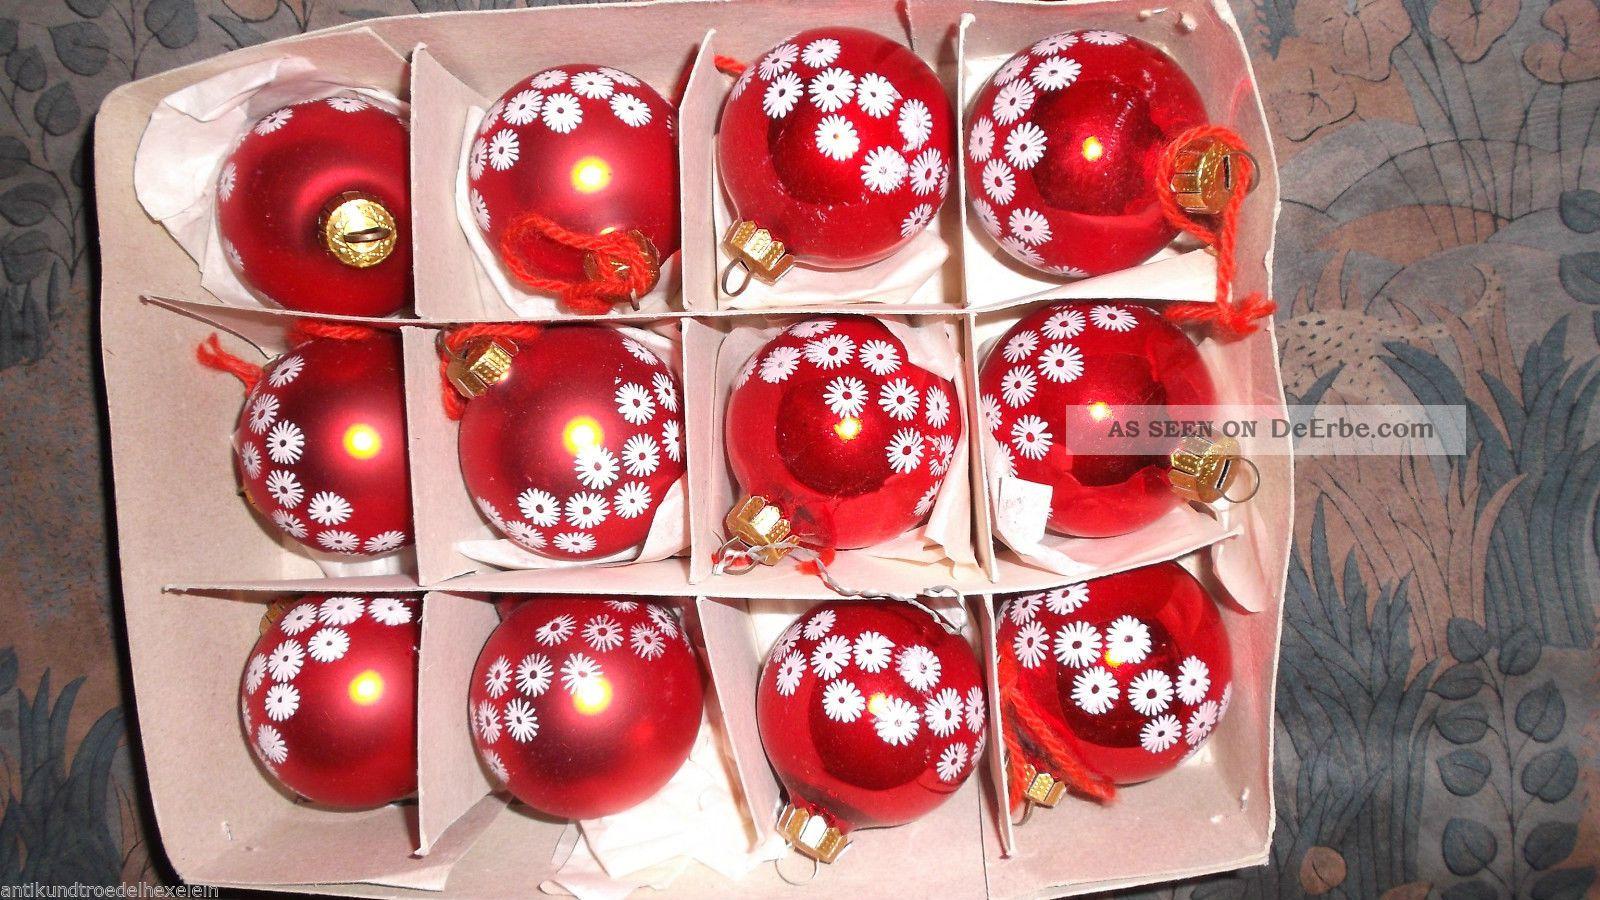 Christbaumschmuck 12 Rote Ddr Glaschristbaumkugeln Mit Blumen Drauf